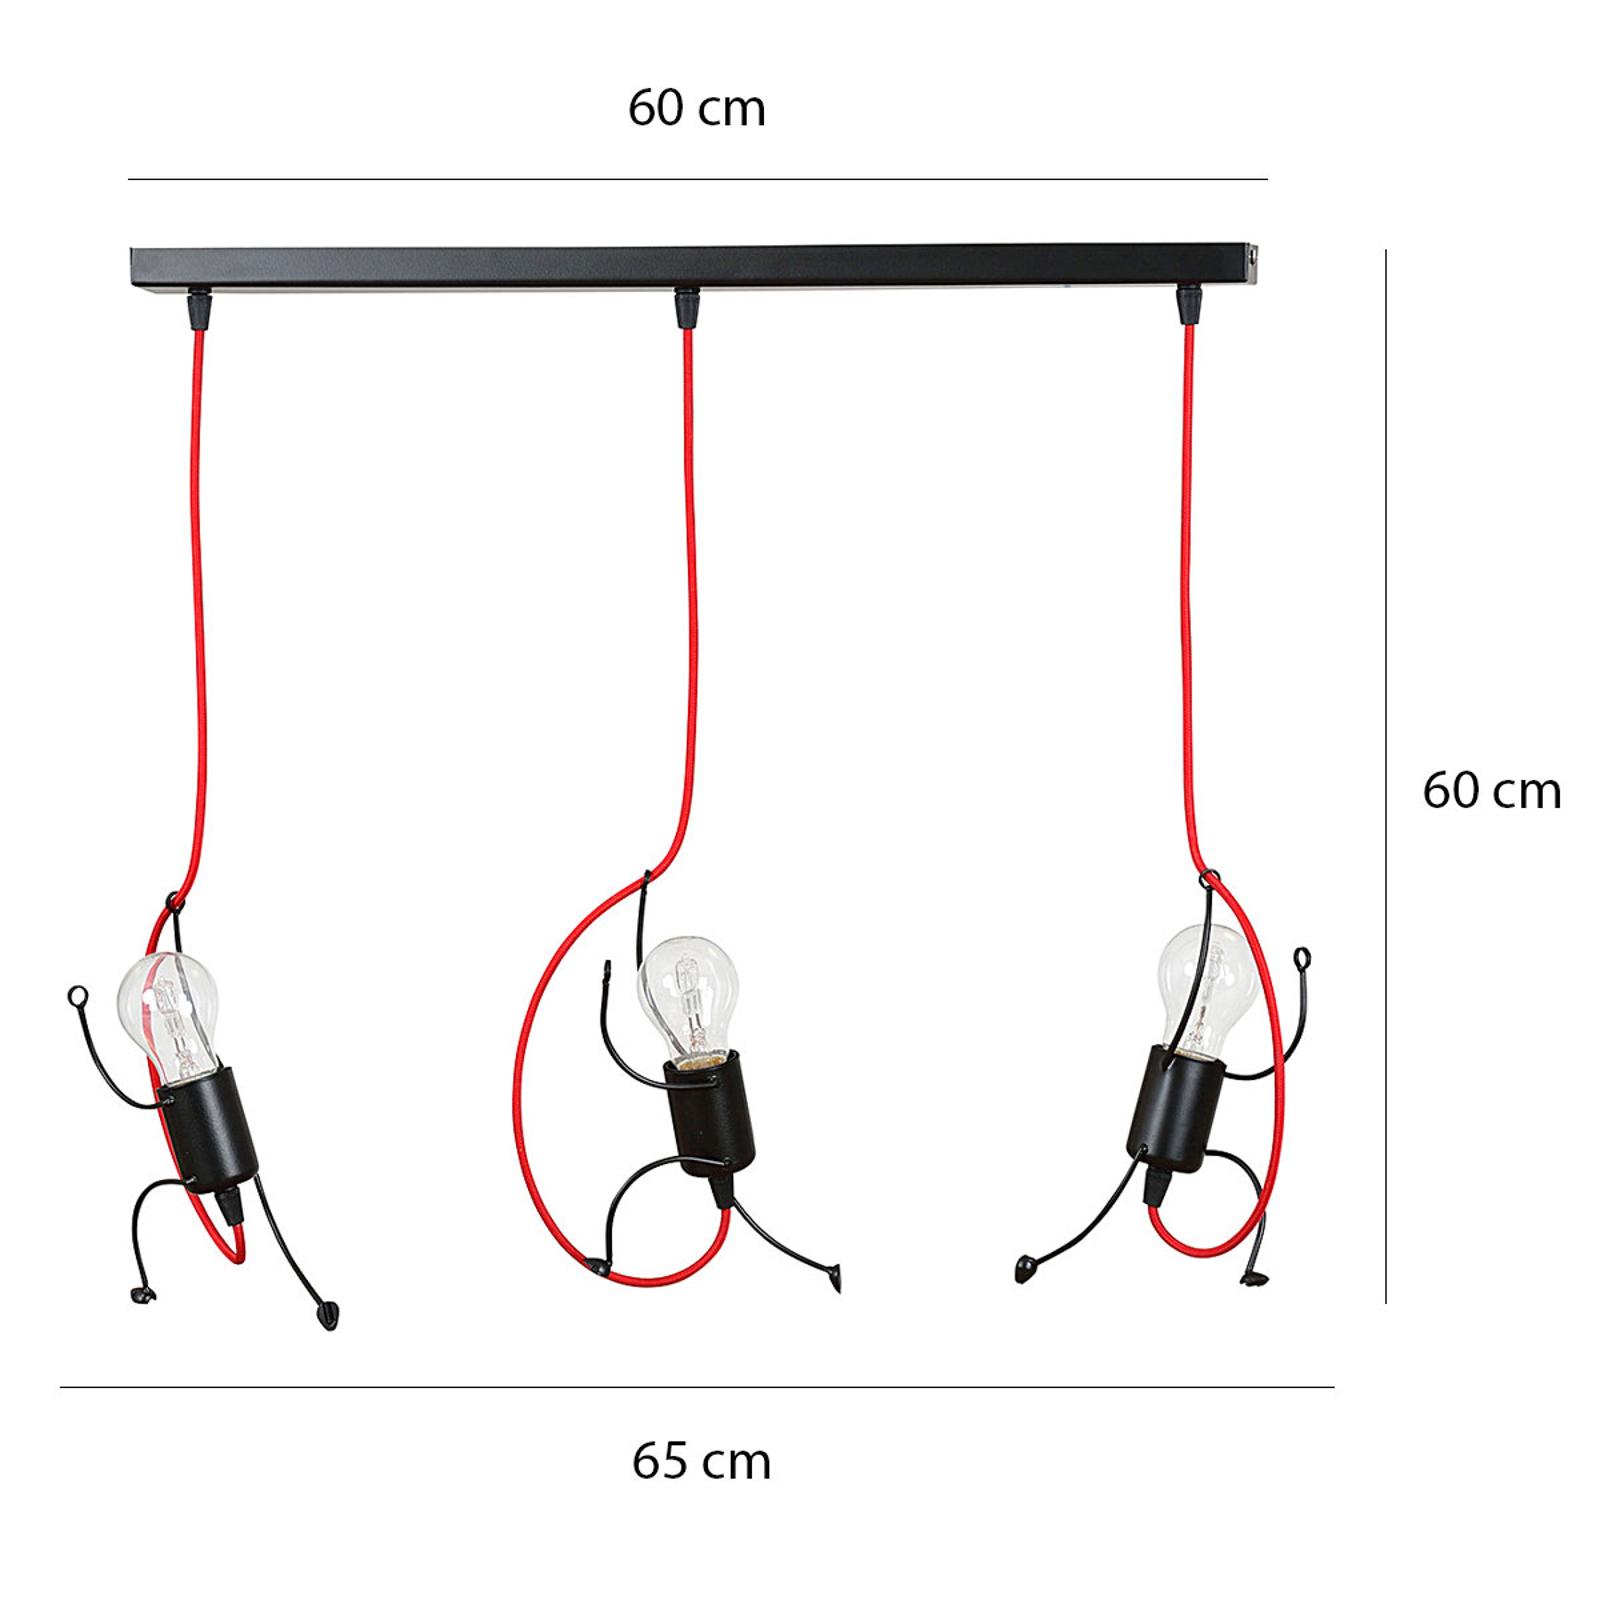 Lampa wisząca Bobi 3 czarna, kabel czerwony 3-pkt.